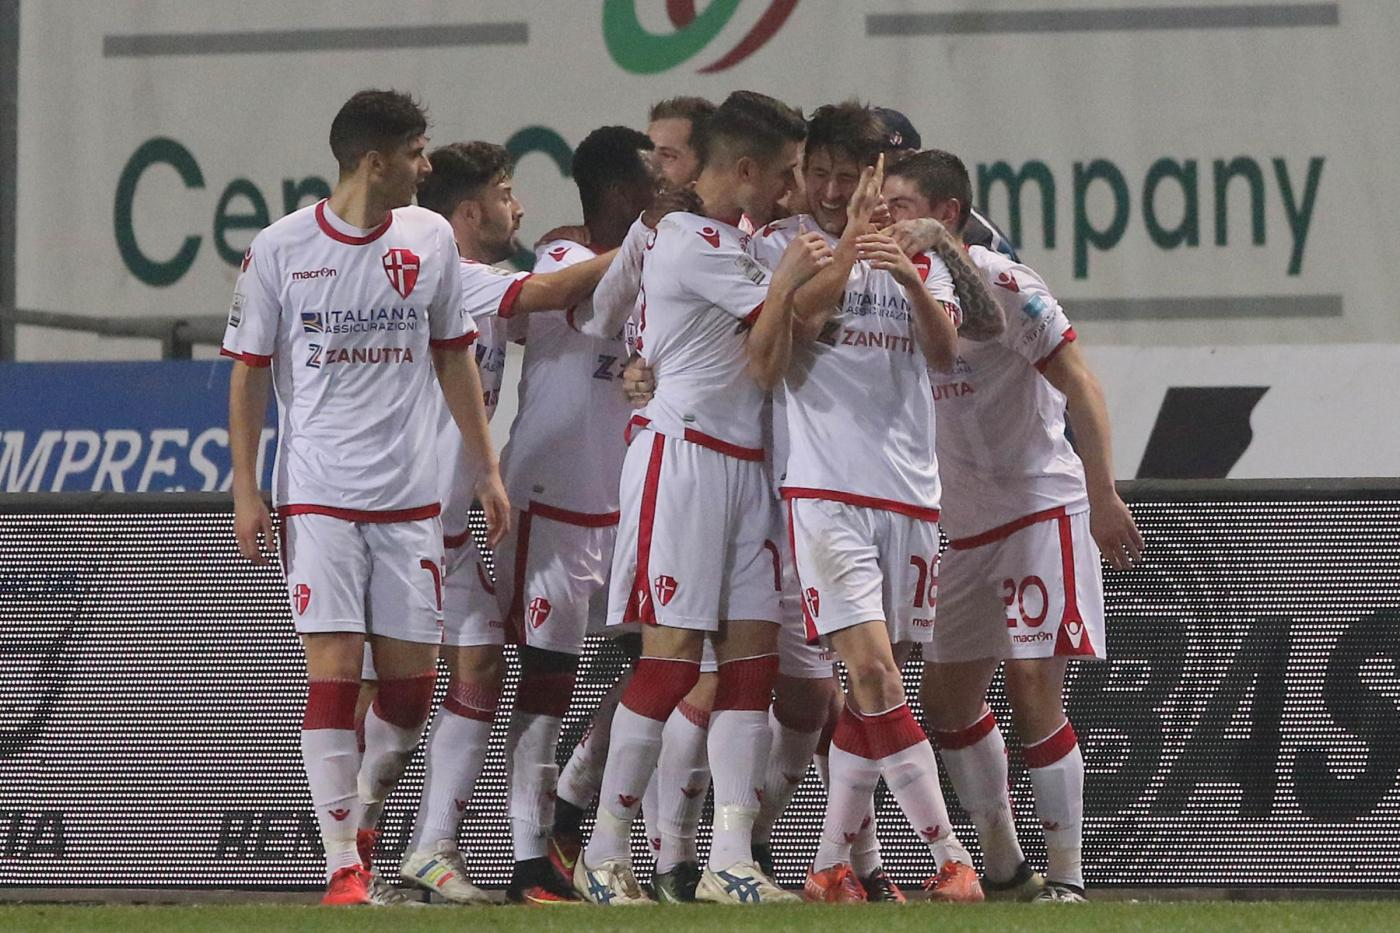 Padova-triestina martedì 21 novembre, analisi e pronostico Coppa Italia serie C